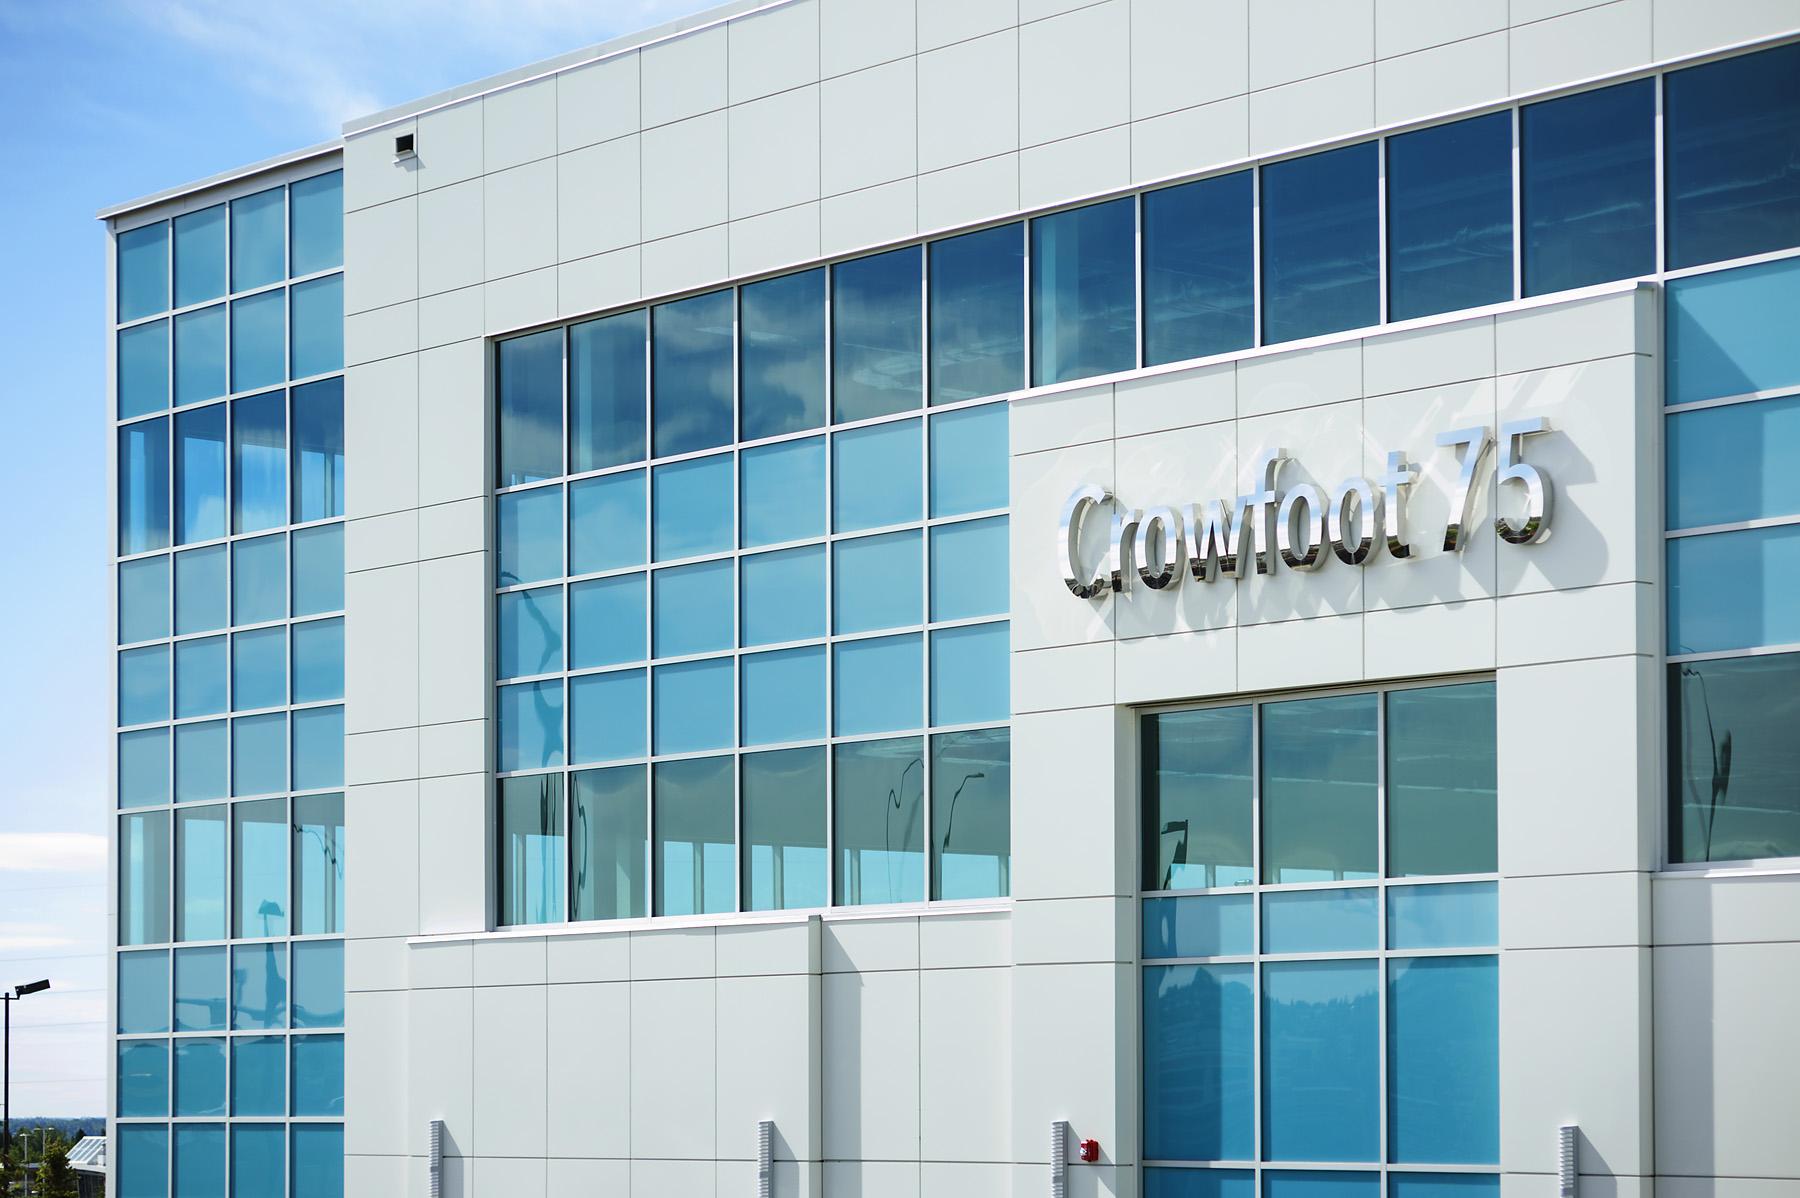 Crowfoot 75 by Telsec Group